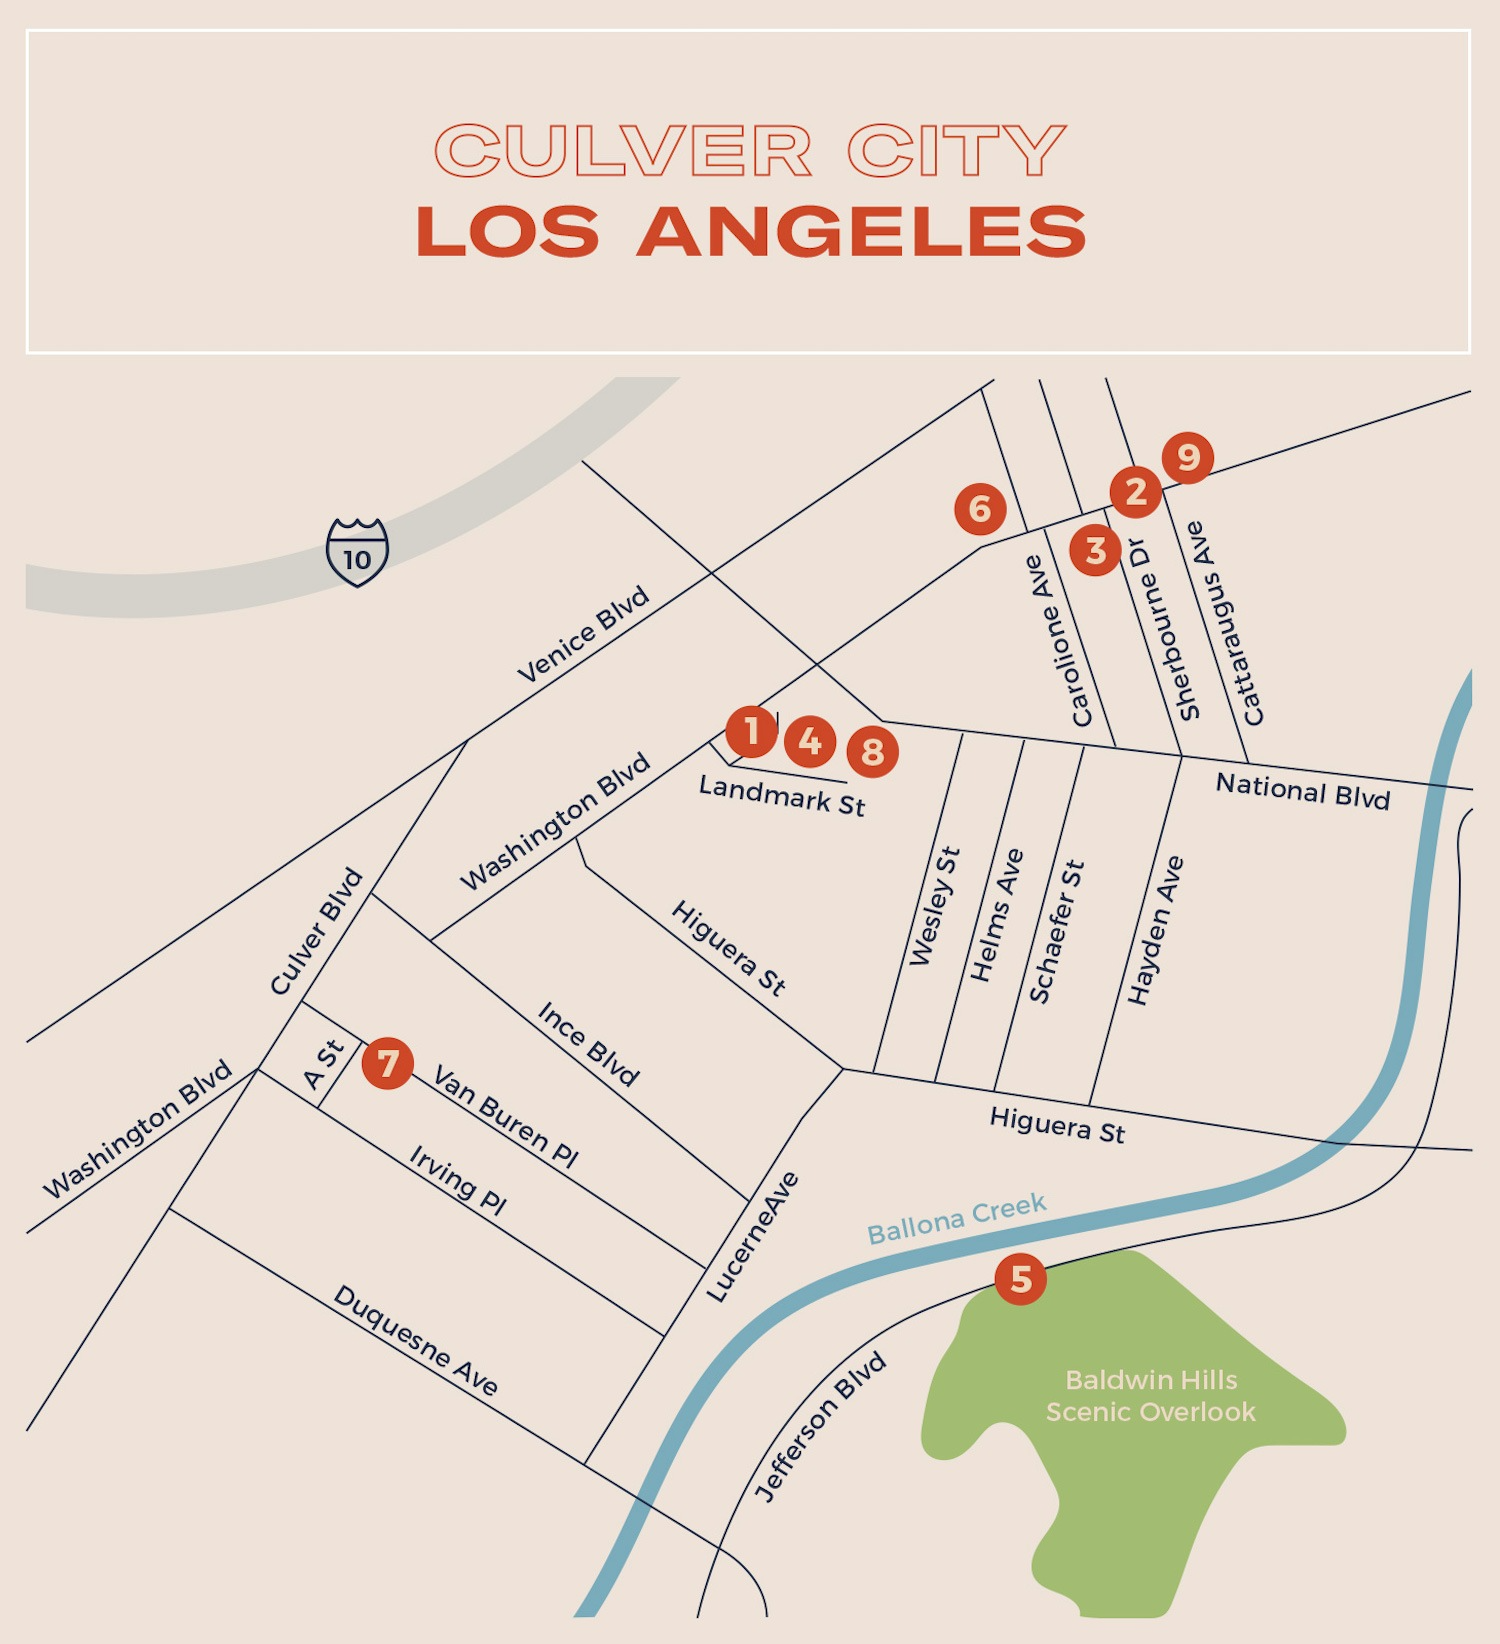 Culver City Los Angeles Map